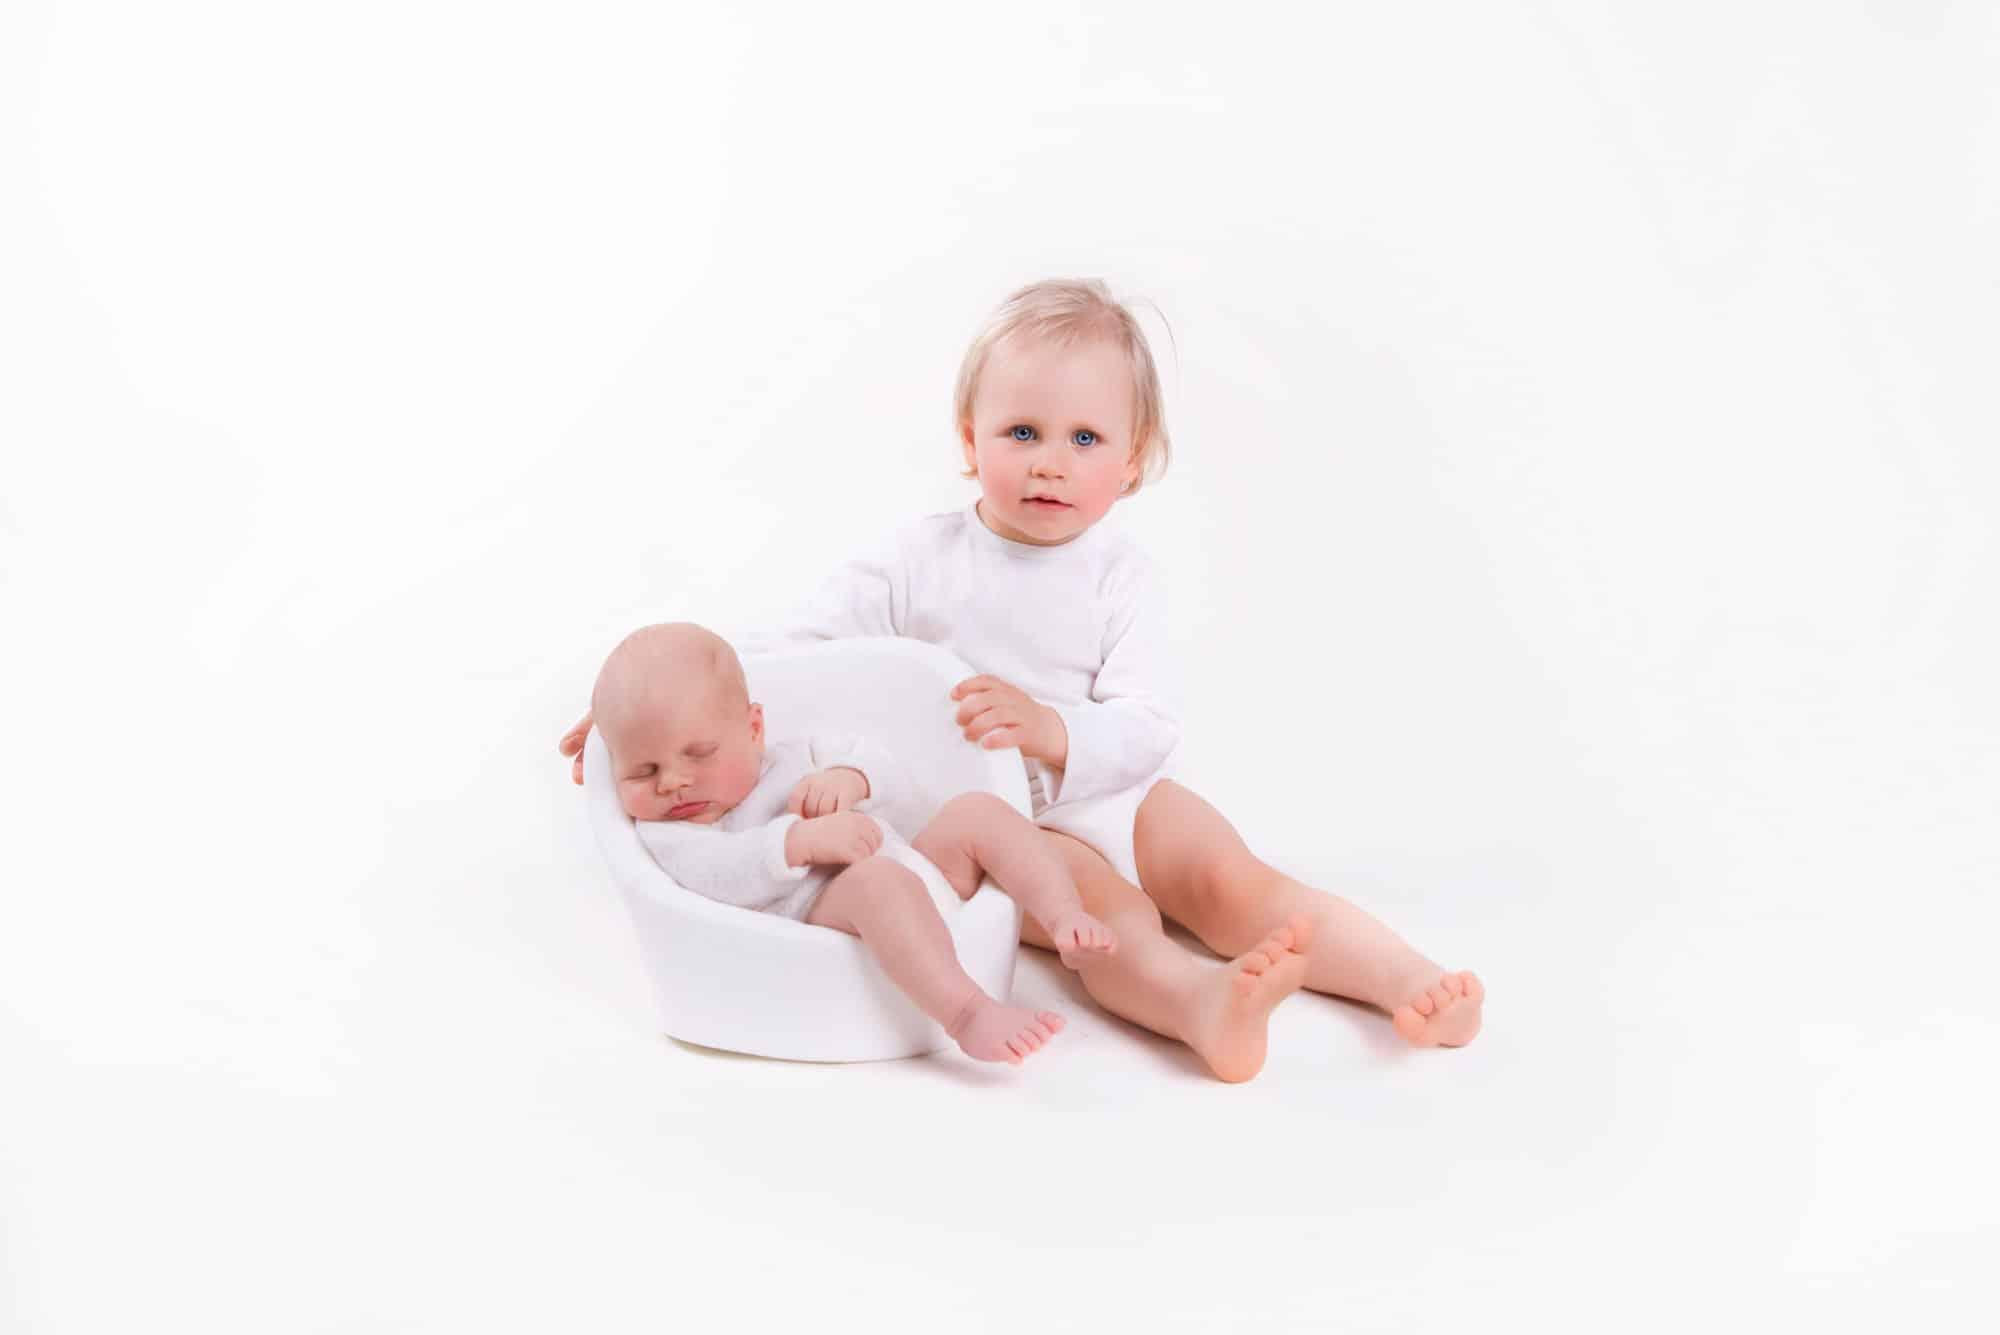 zdjecia z rodzenstwem